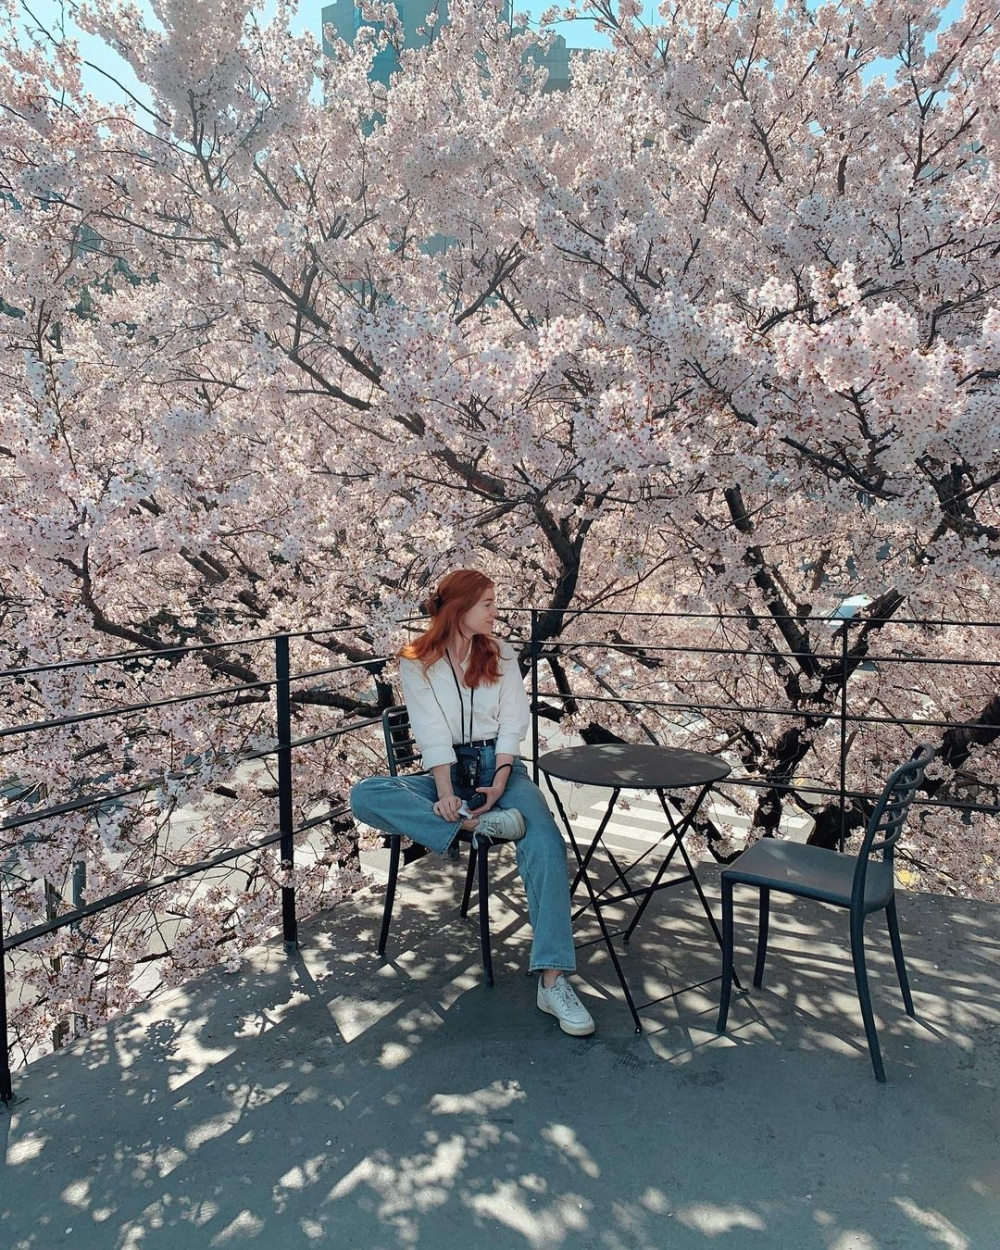 喜愛韓國而來到此讀書,現在也成為了韓國人